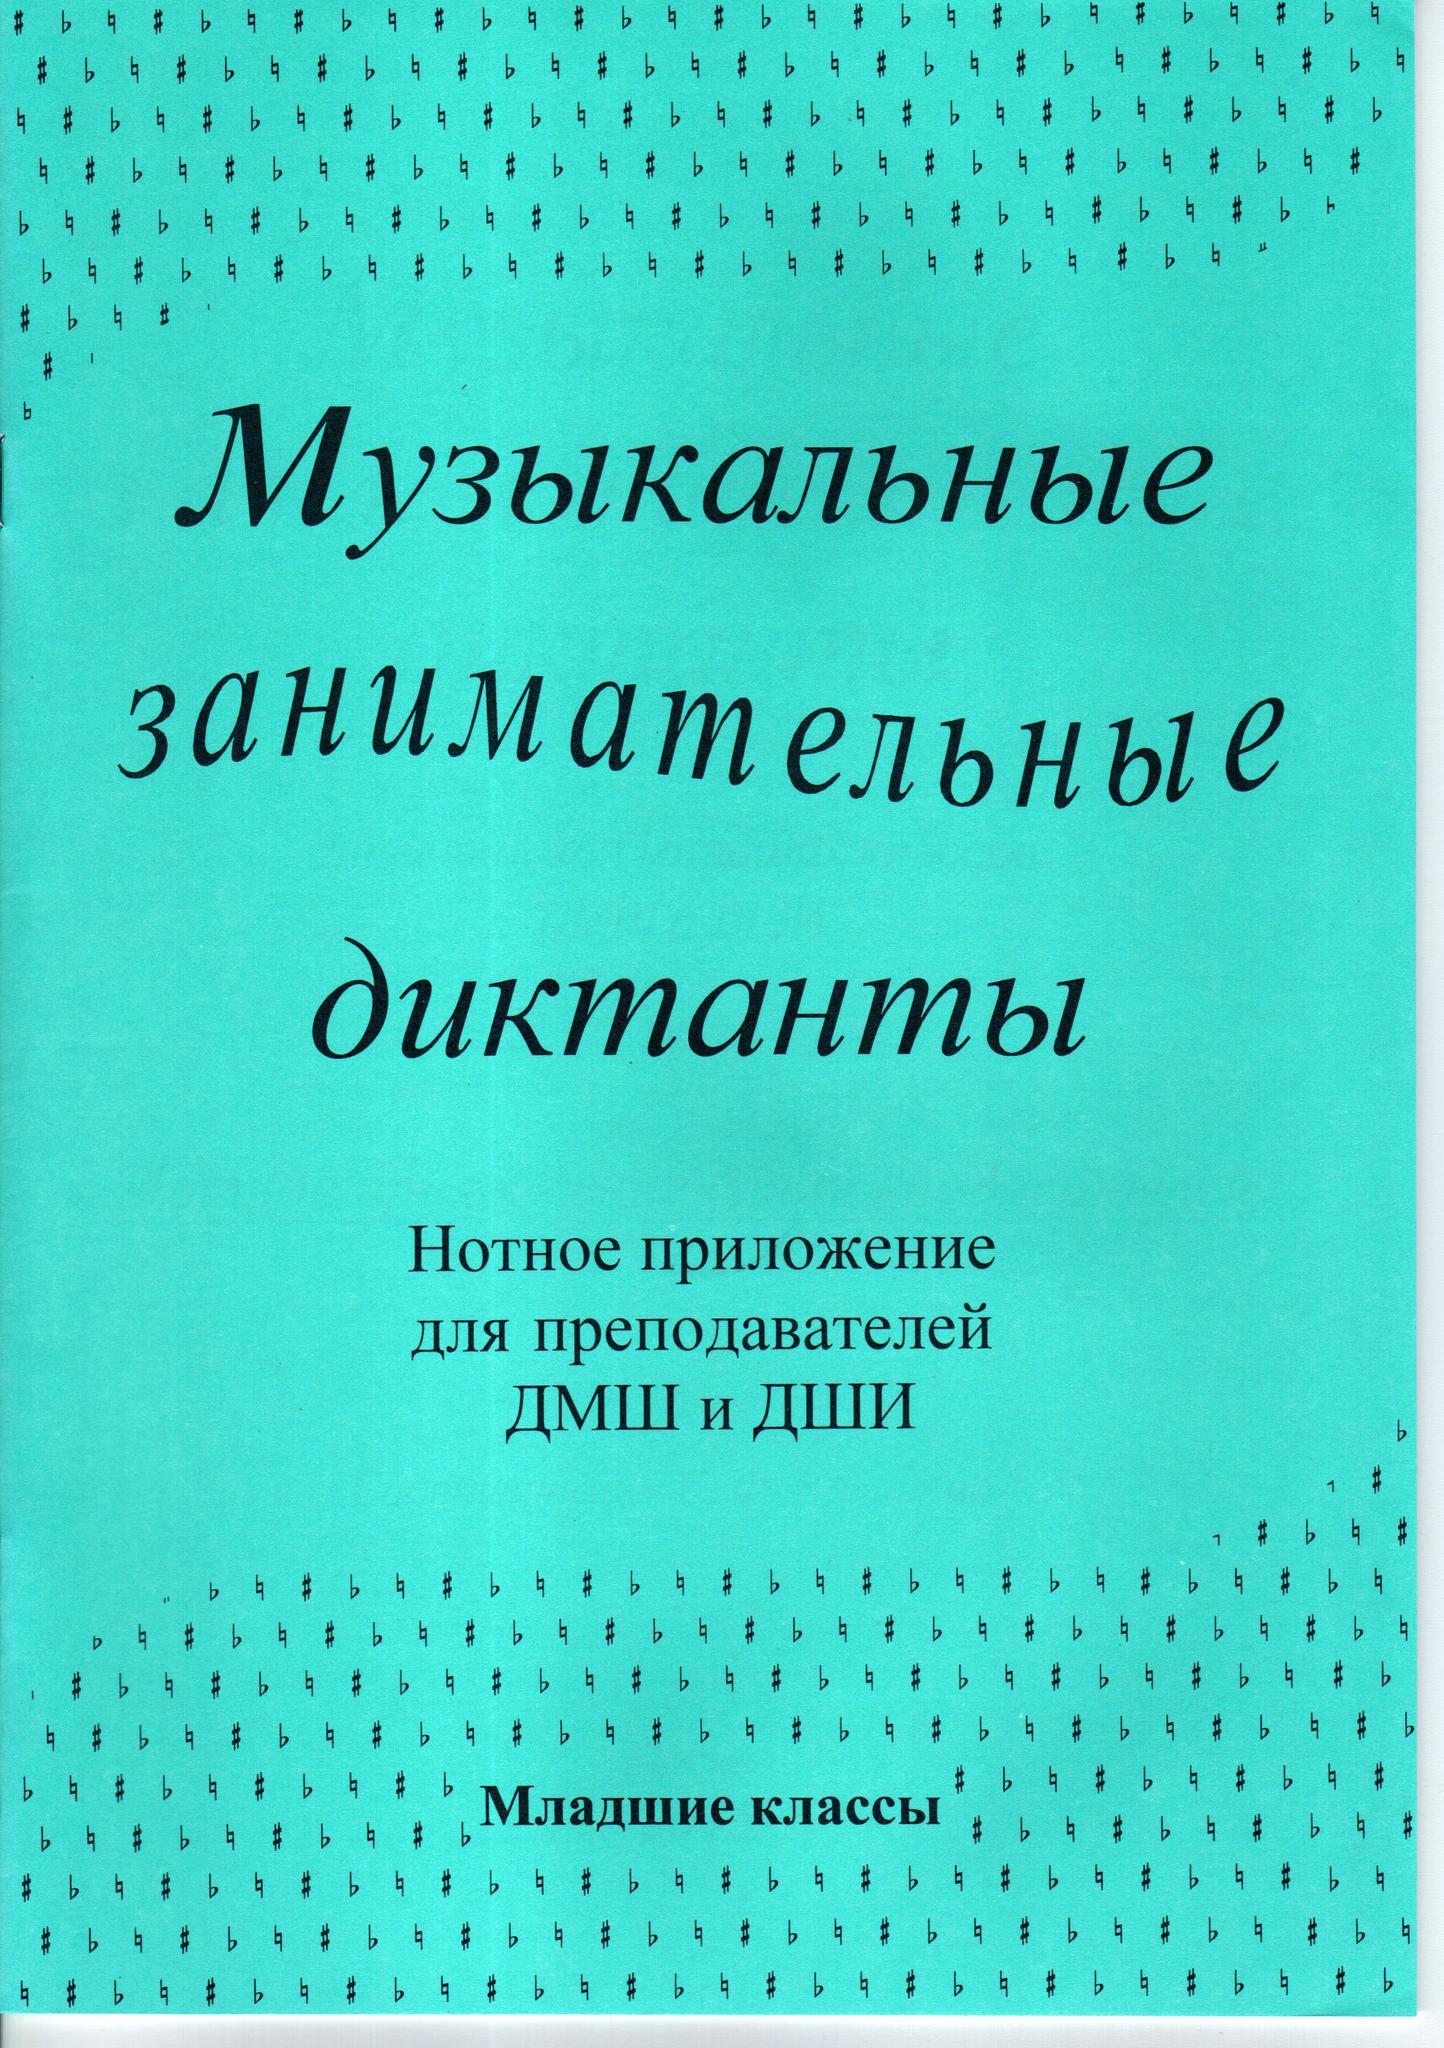 Г. Ф. Калинина. Нотное приложение к сборнику Музыкальные занимательные диктанты для учащихся младших